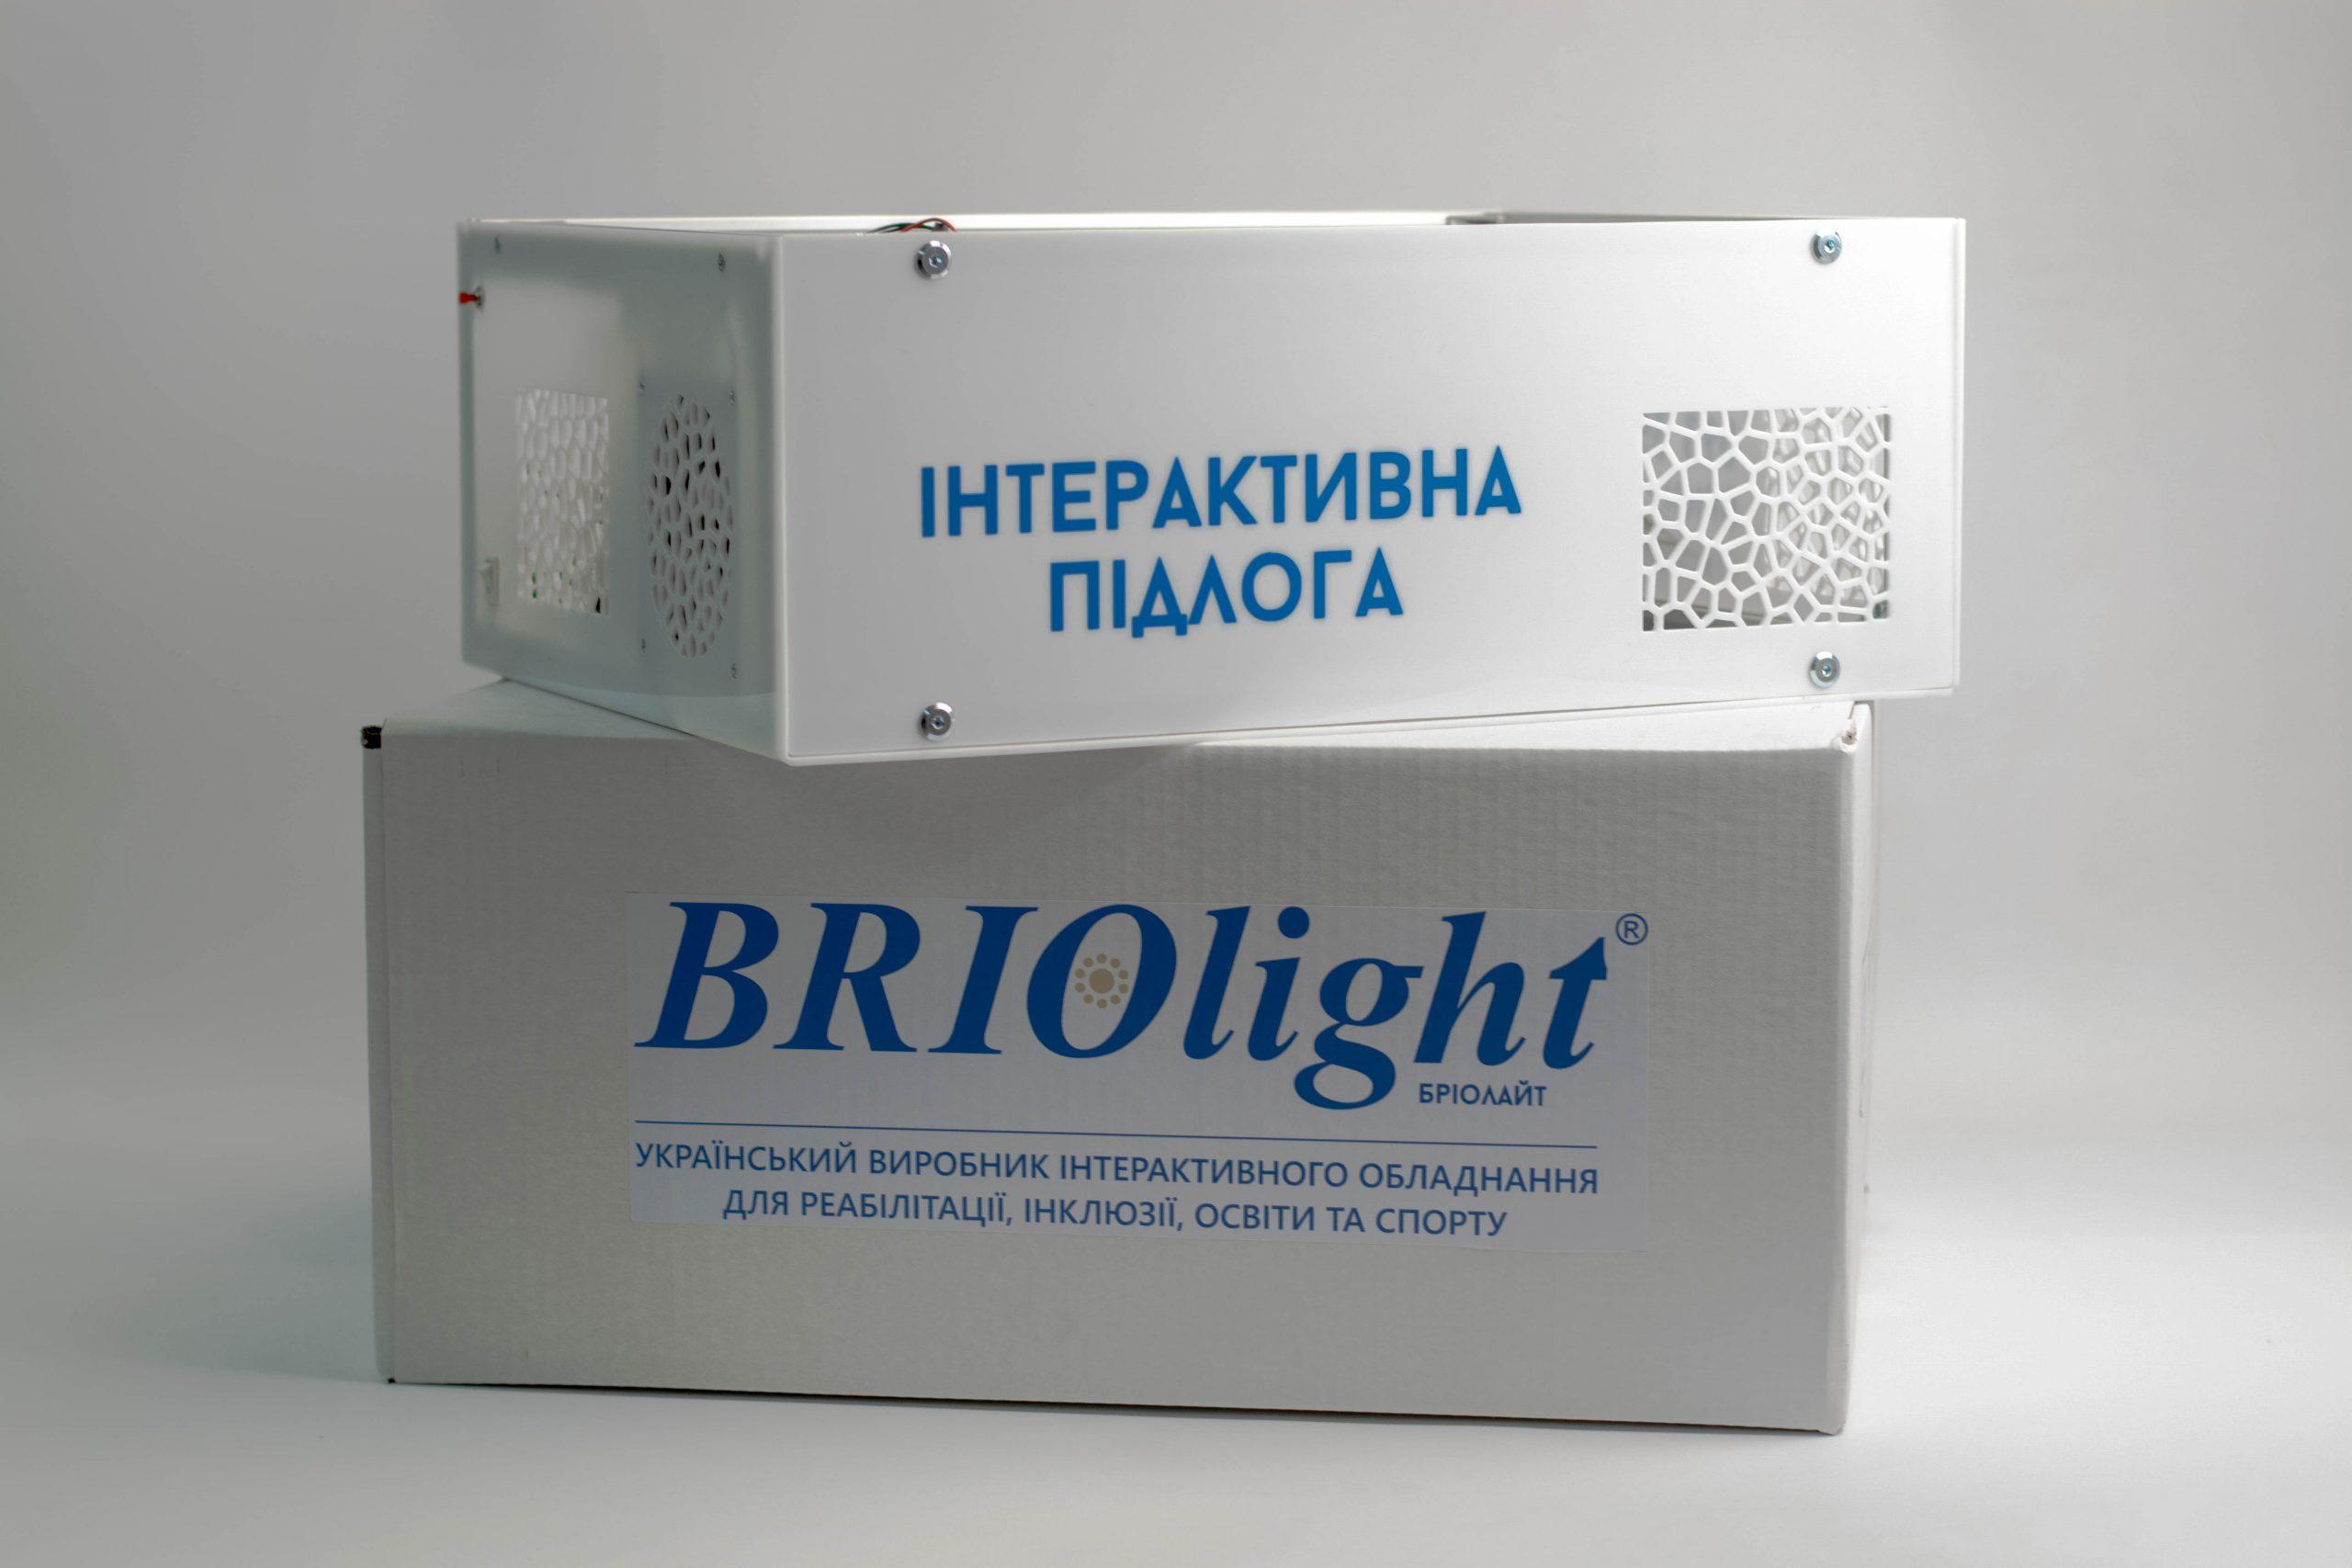 Interactive equipment